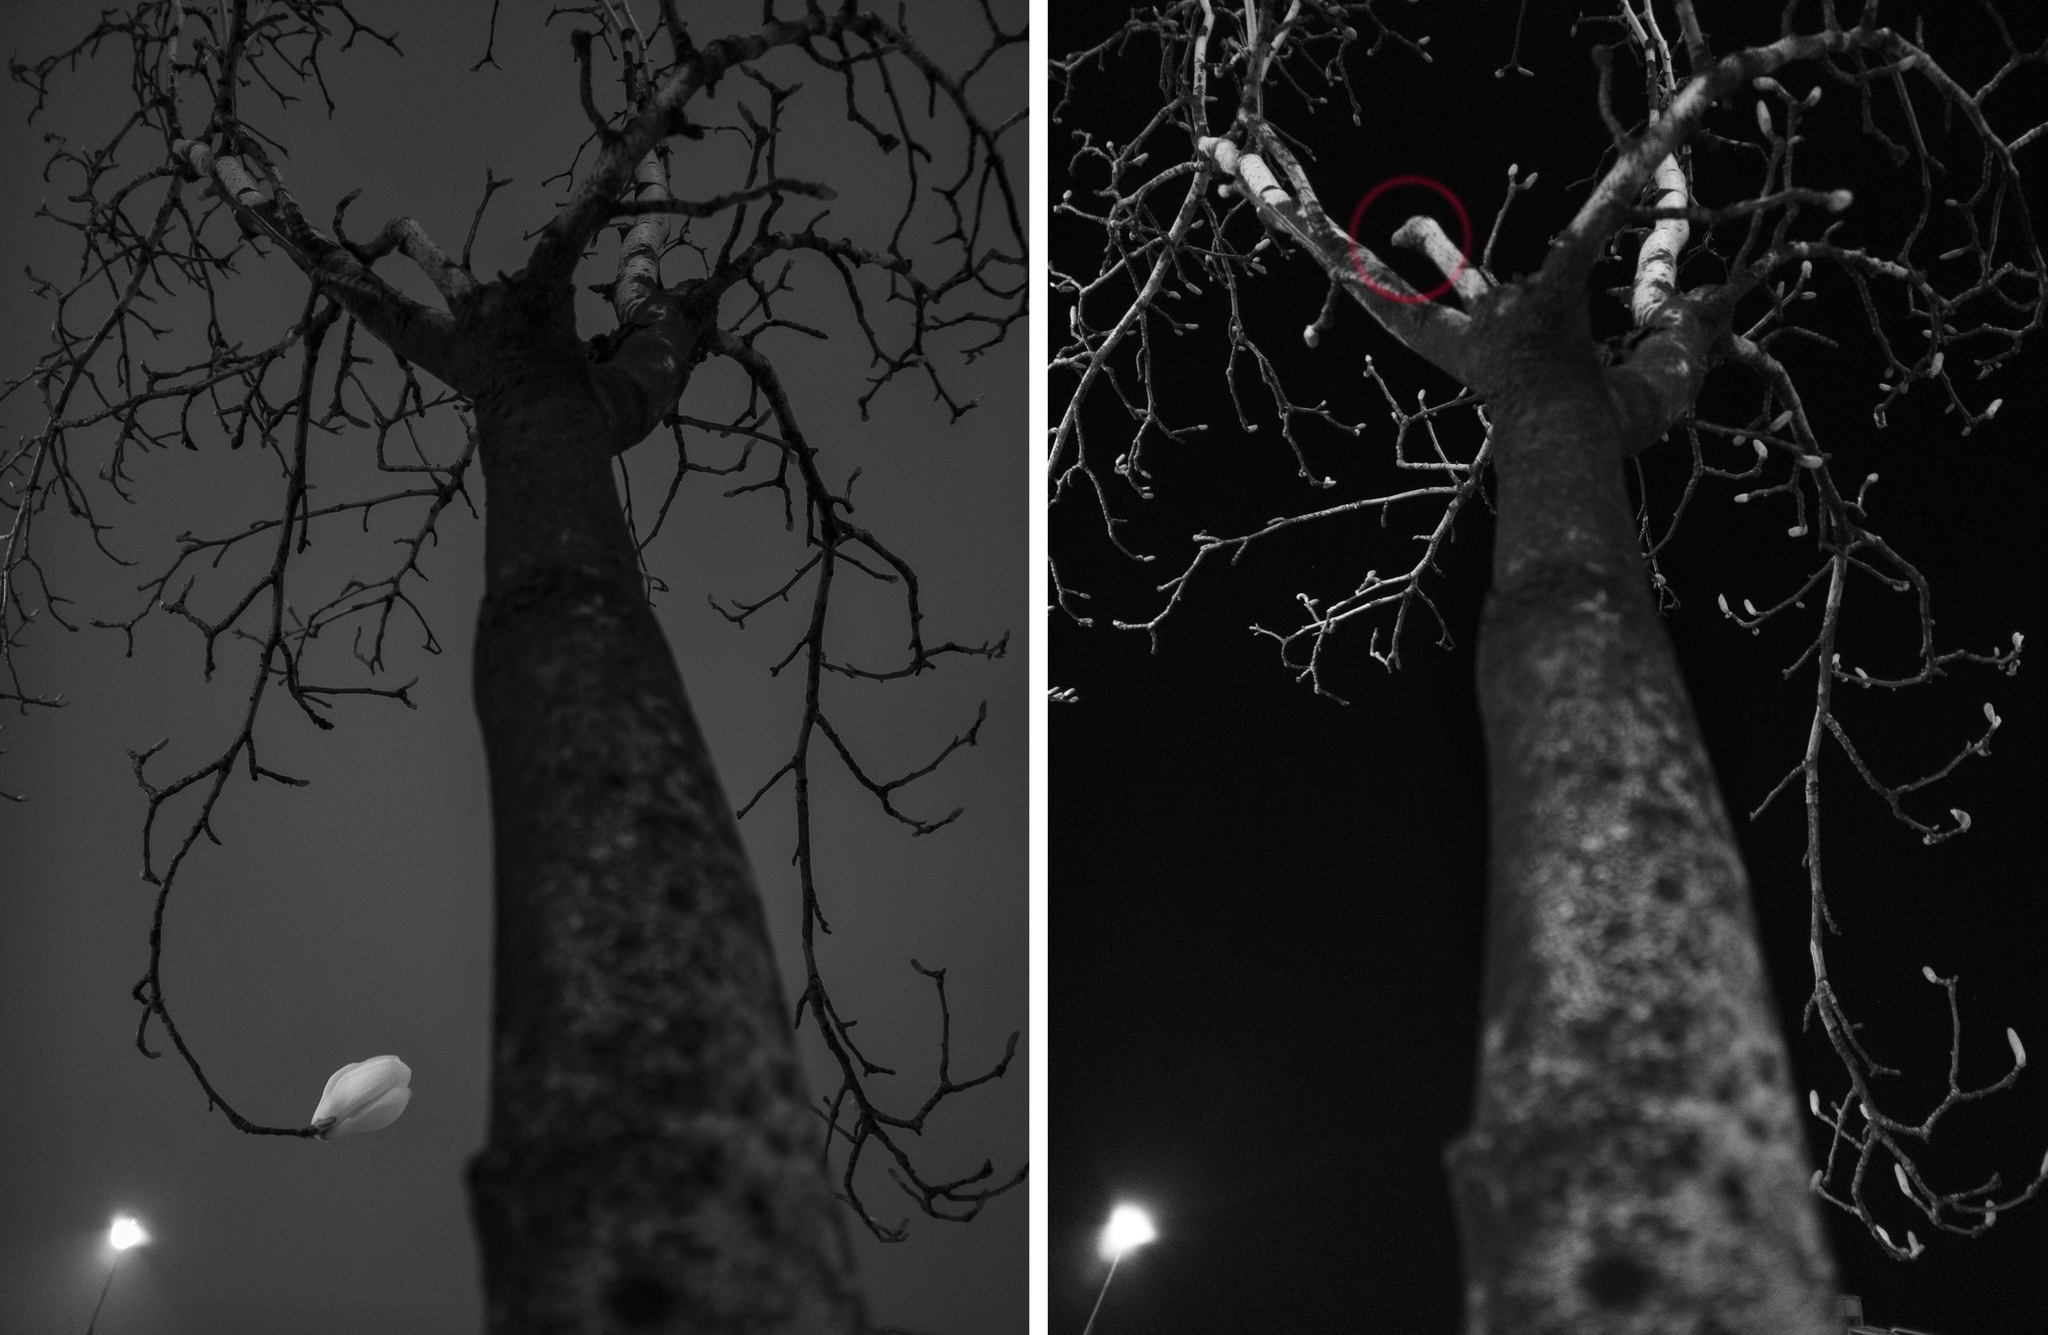 왼쪽 3월27일 촬영                      오른쪽 4월 5일 촬영